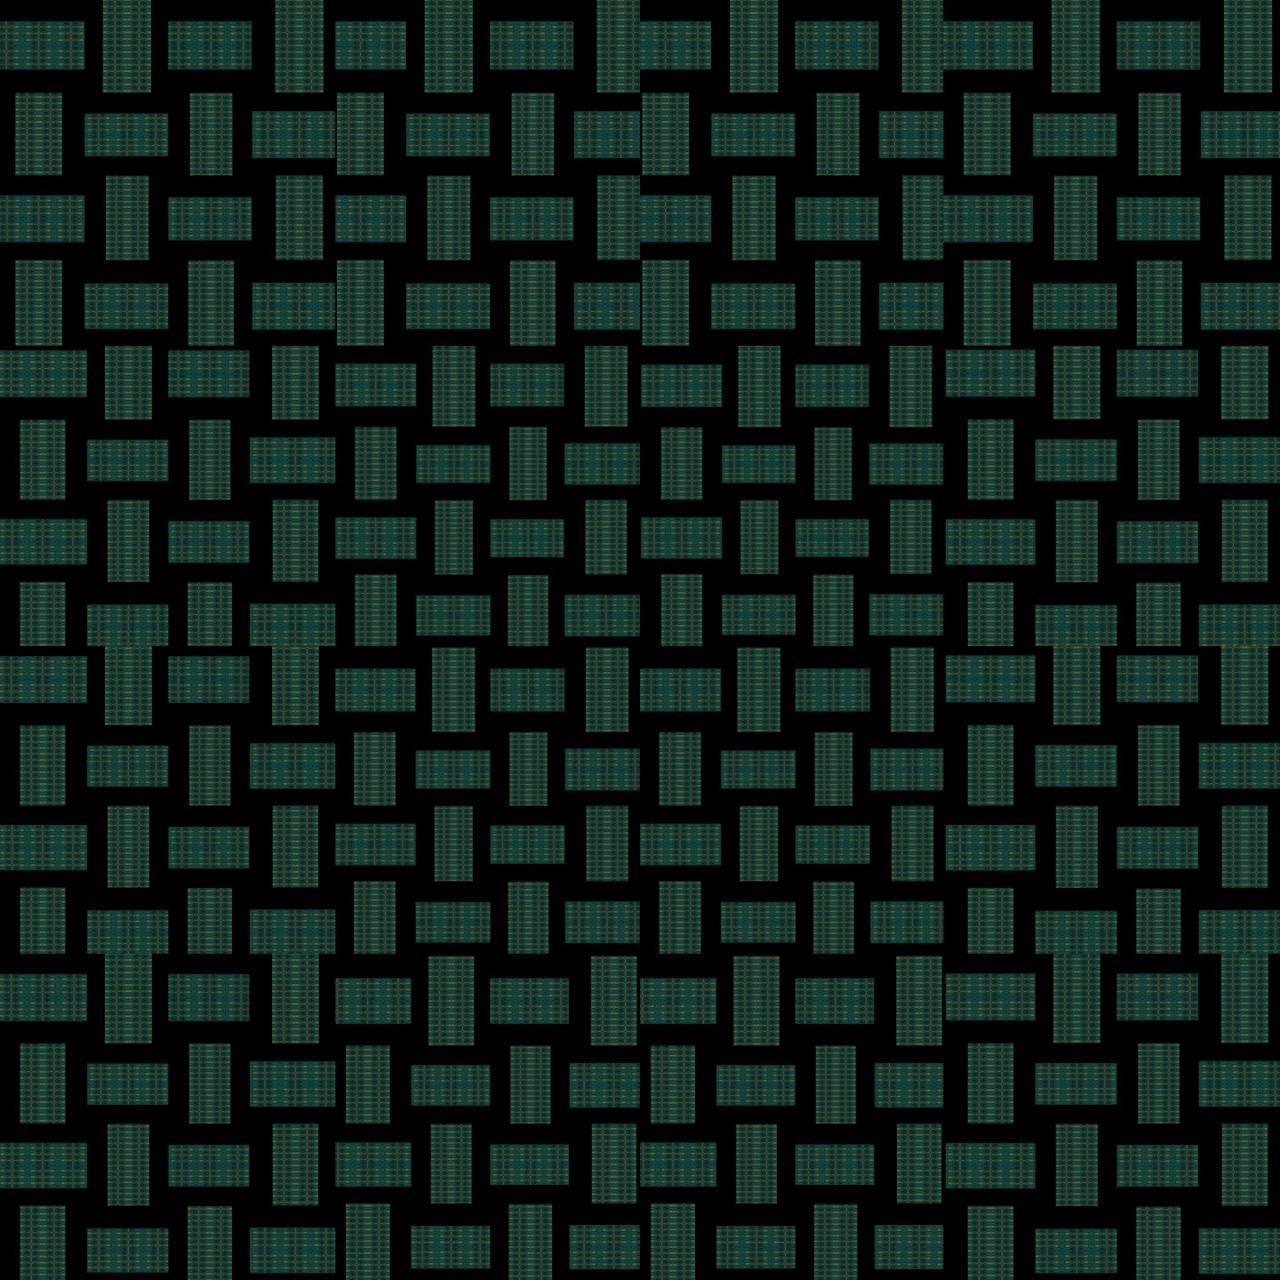 Tiled Wallpaper 54-2